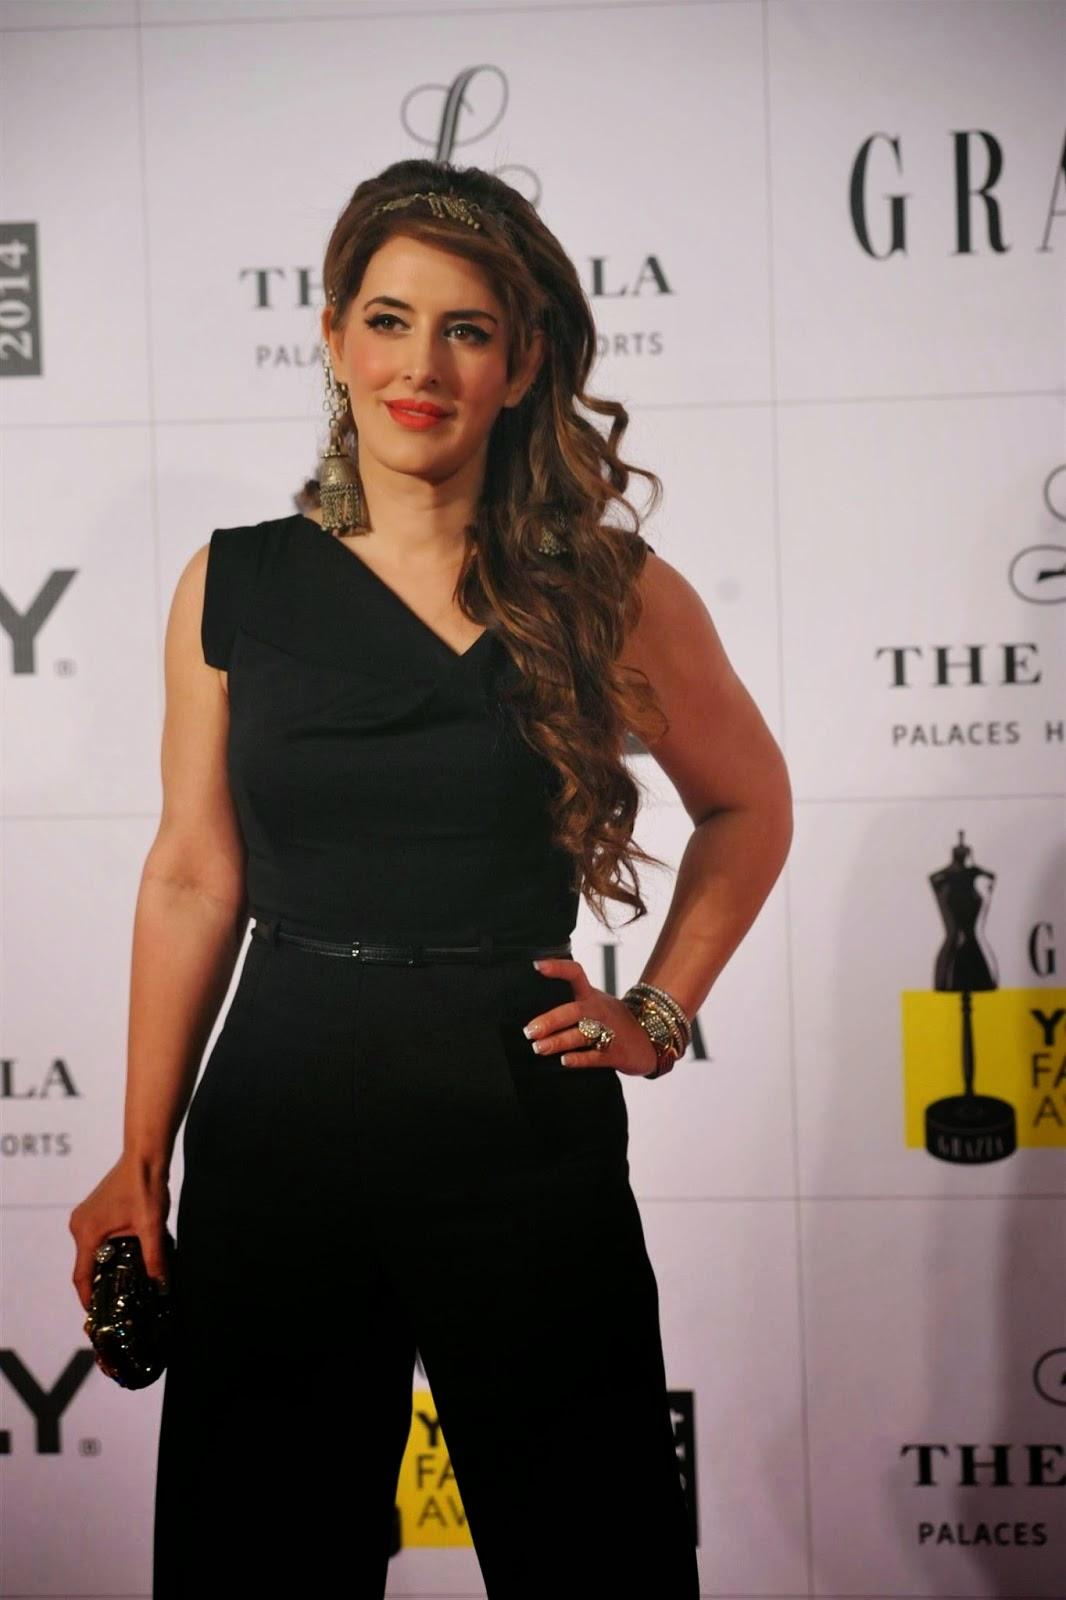 Grazia Young Fashion Awards Photos At The Leela Palaces Hotel Resorts Shiner Photos